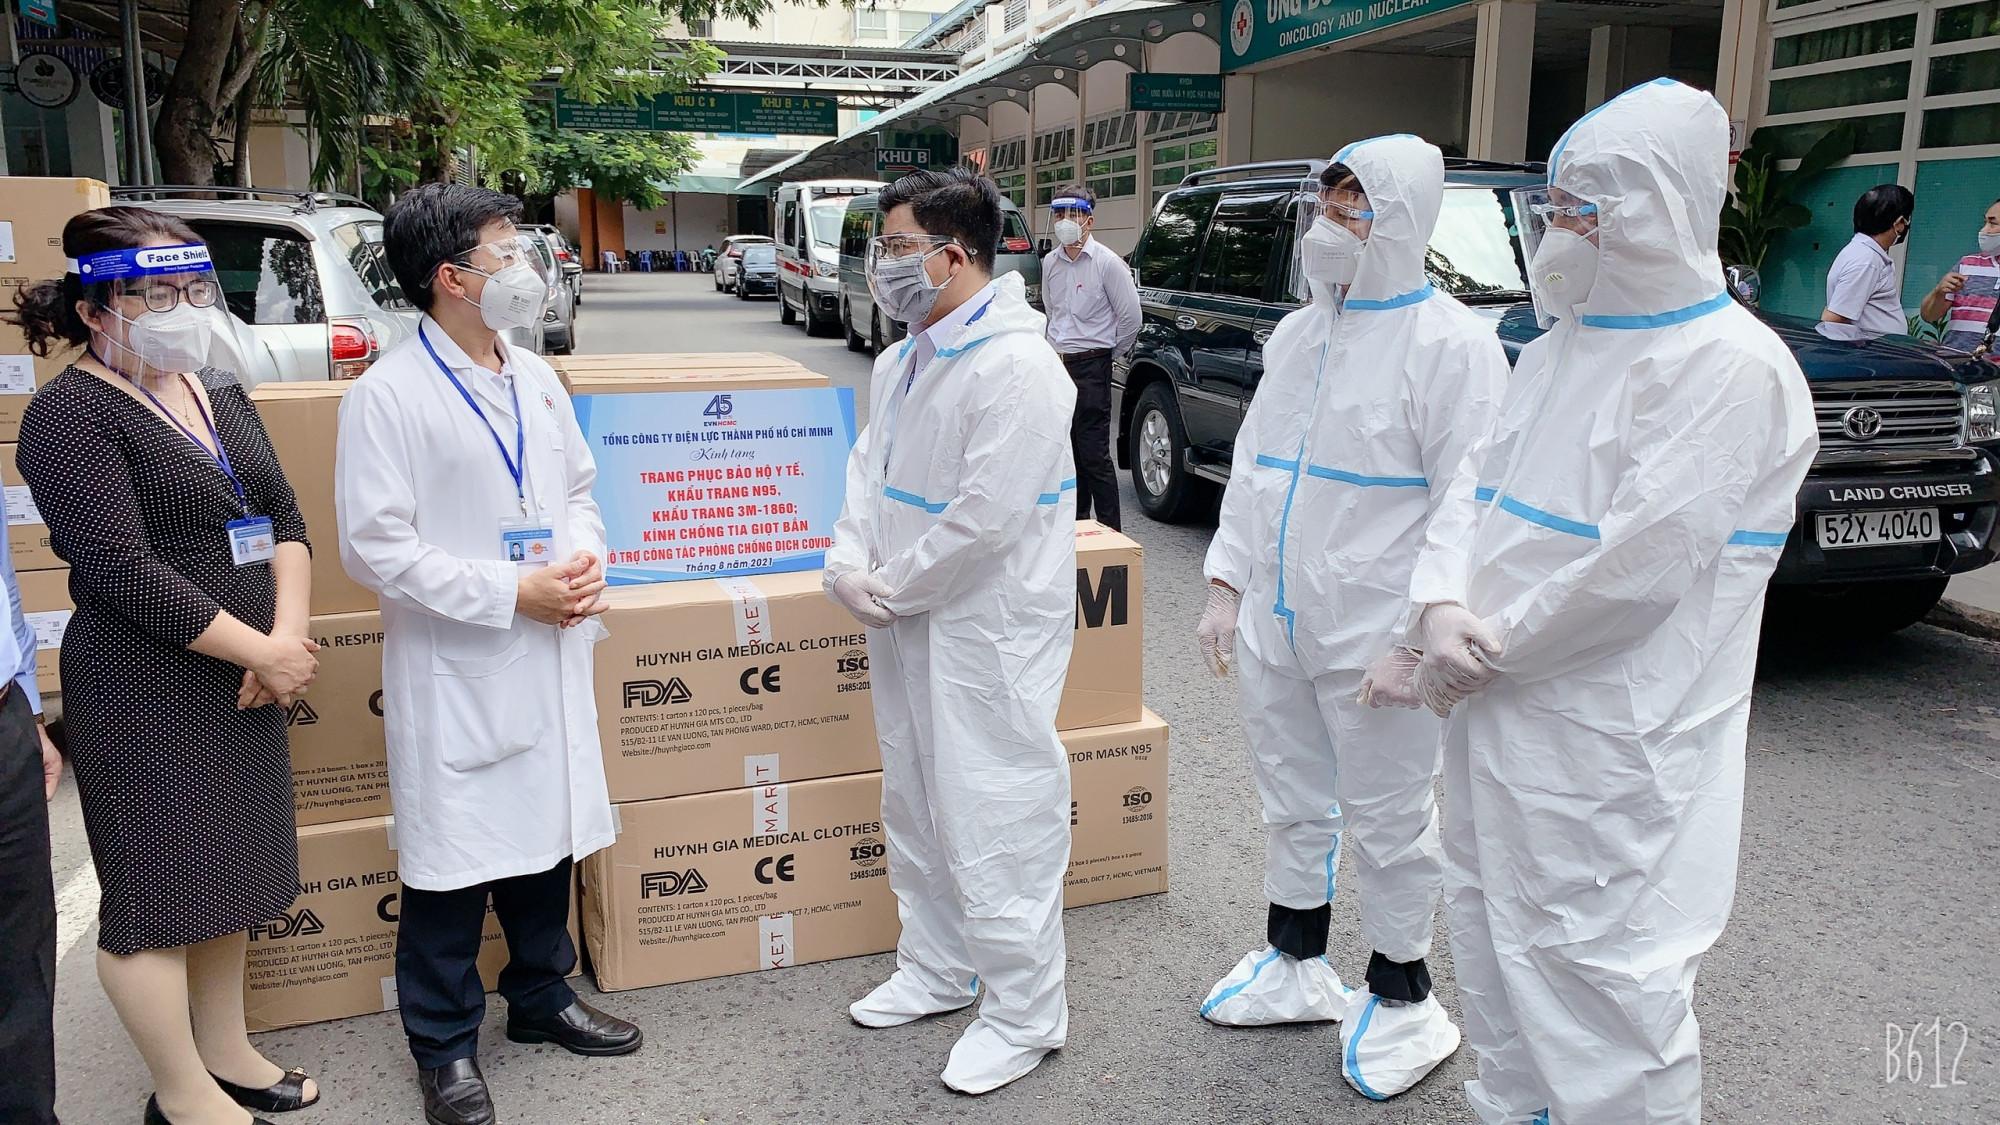 Ông Bùi Hải Thành, Phó bí thư Đảng ủy (giữa) thay mặt cán bộ công nhân viên TCT Điện lực TPHCM gửi lời tri ân đến các y - bác sĩ - lực lượng tuyến đầu phòng chống dịch COVID-19